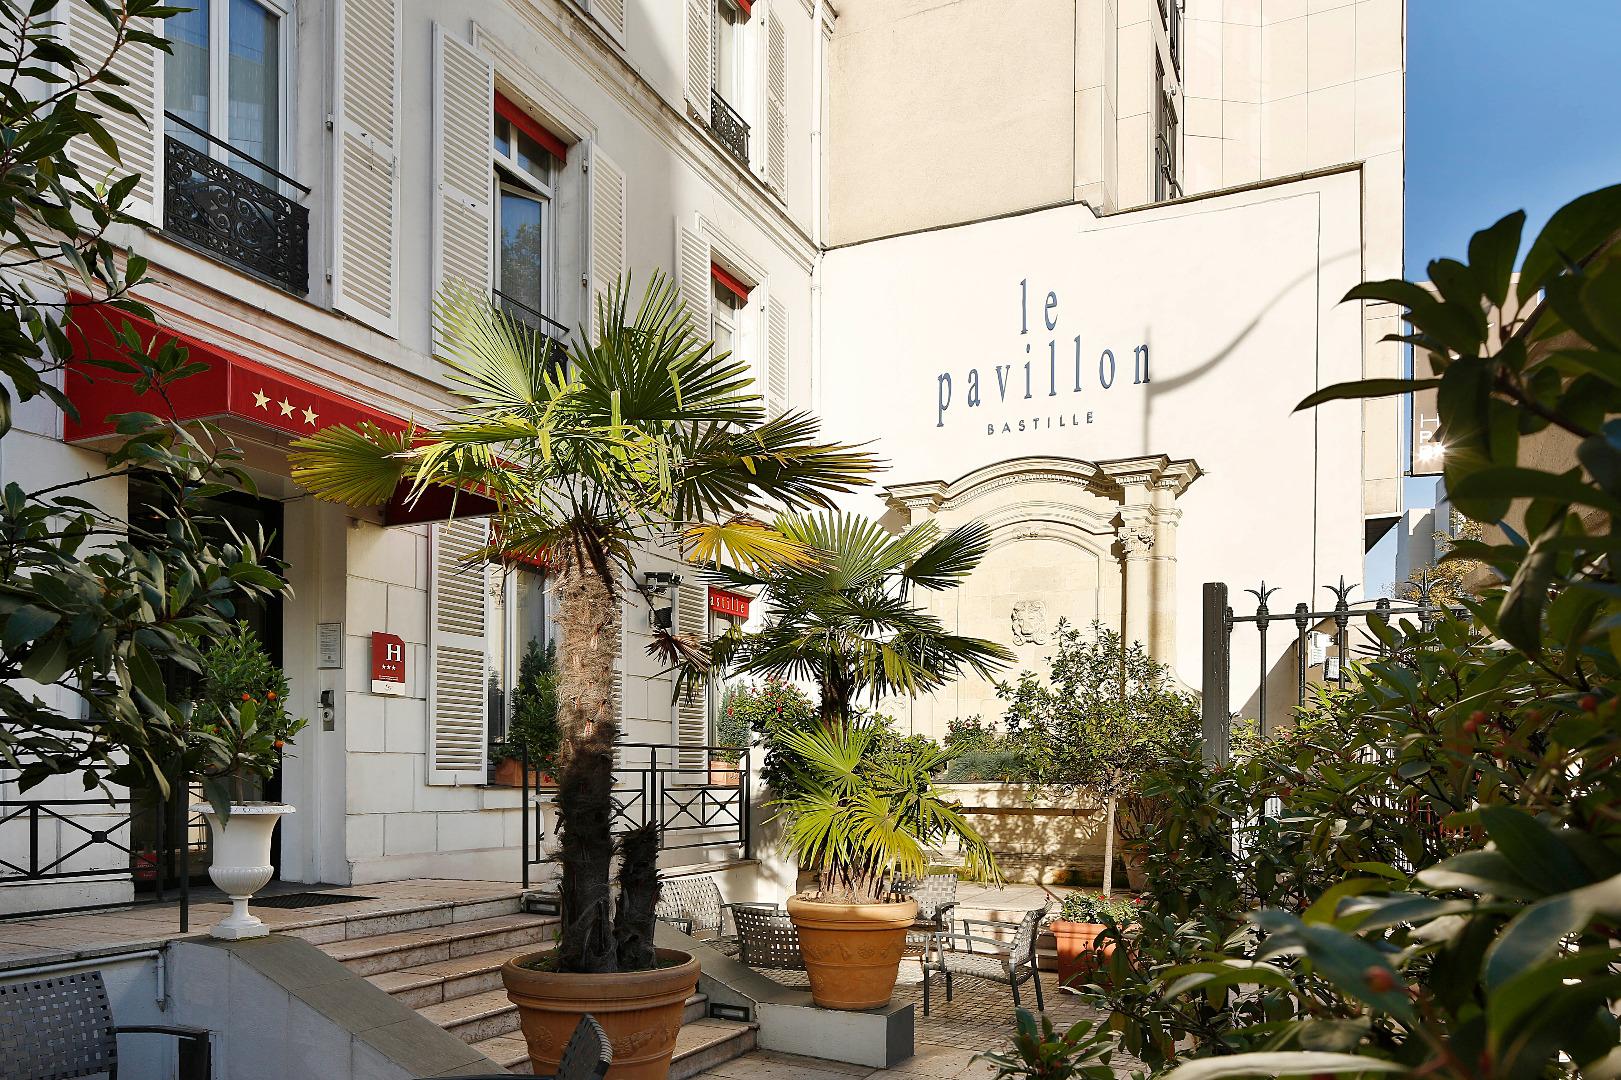 Pavillon bastille a Paris